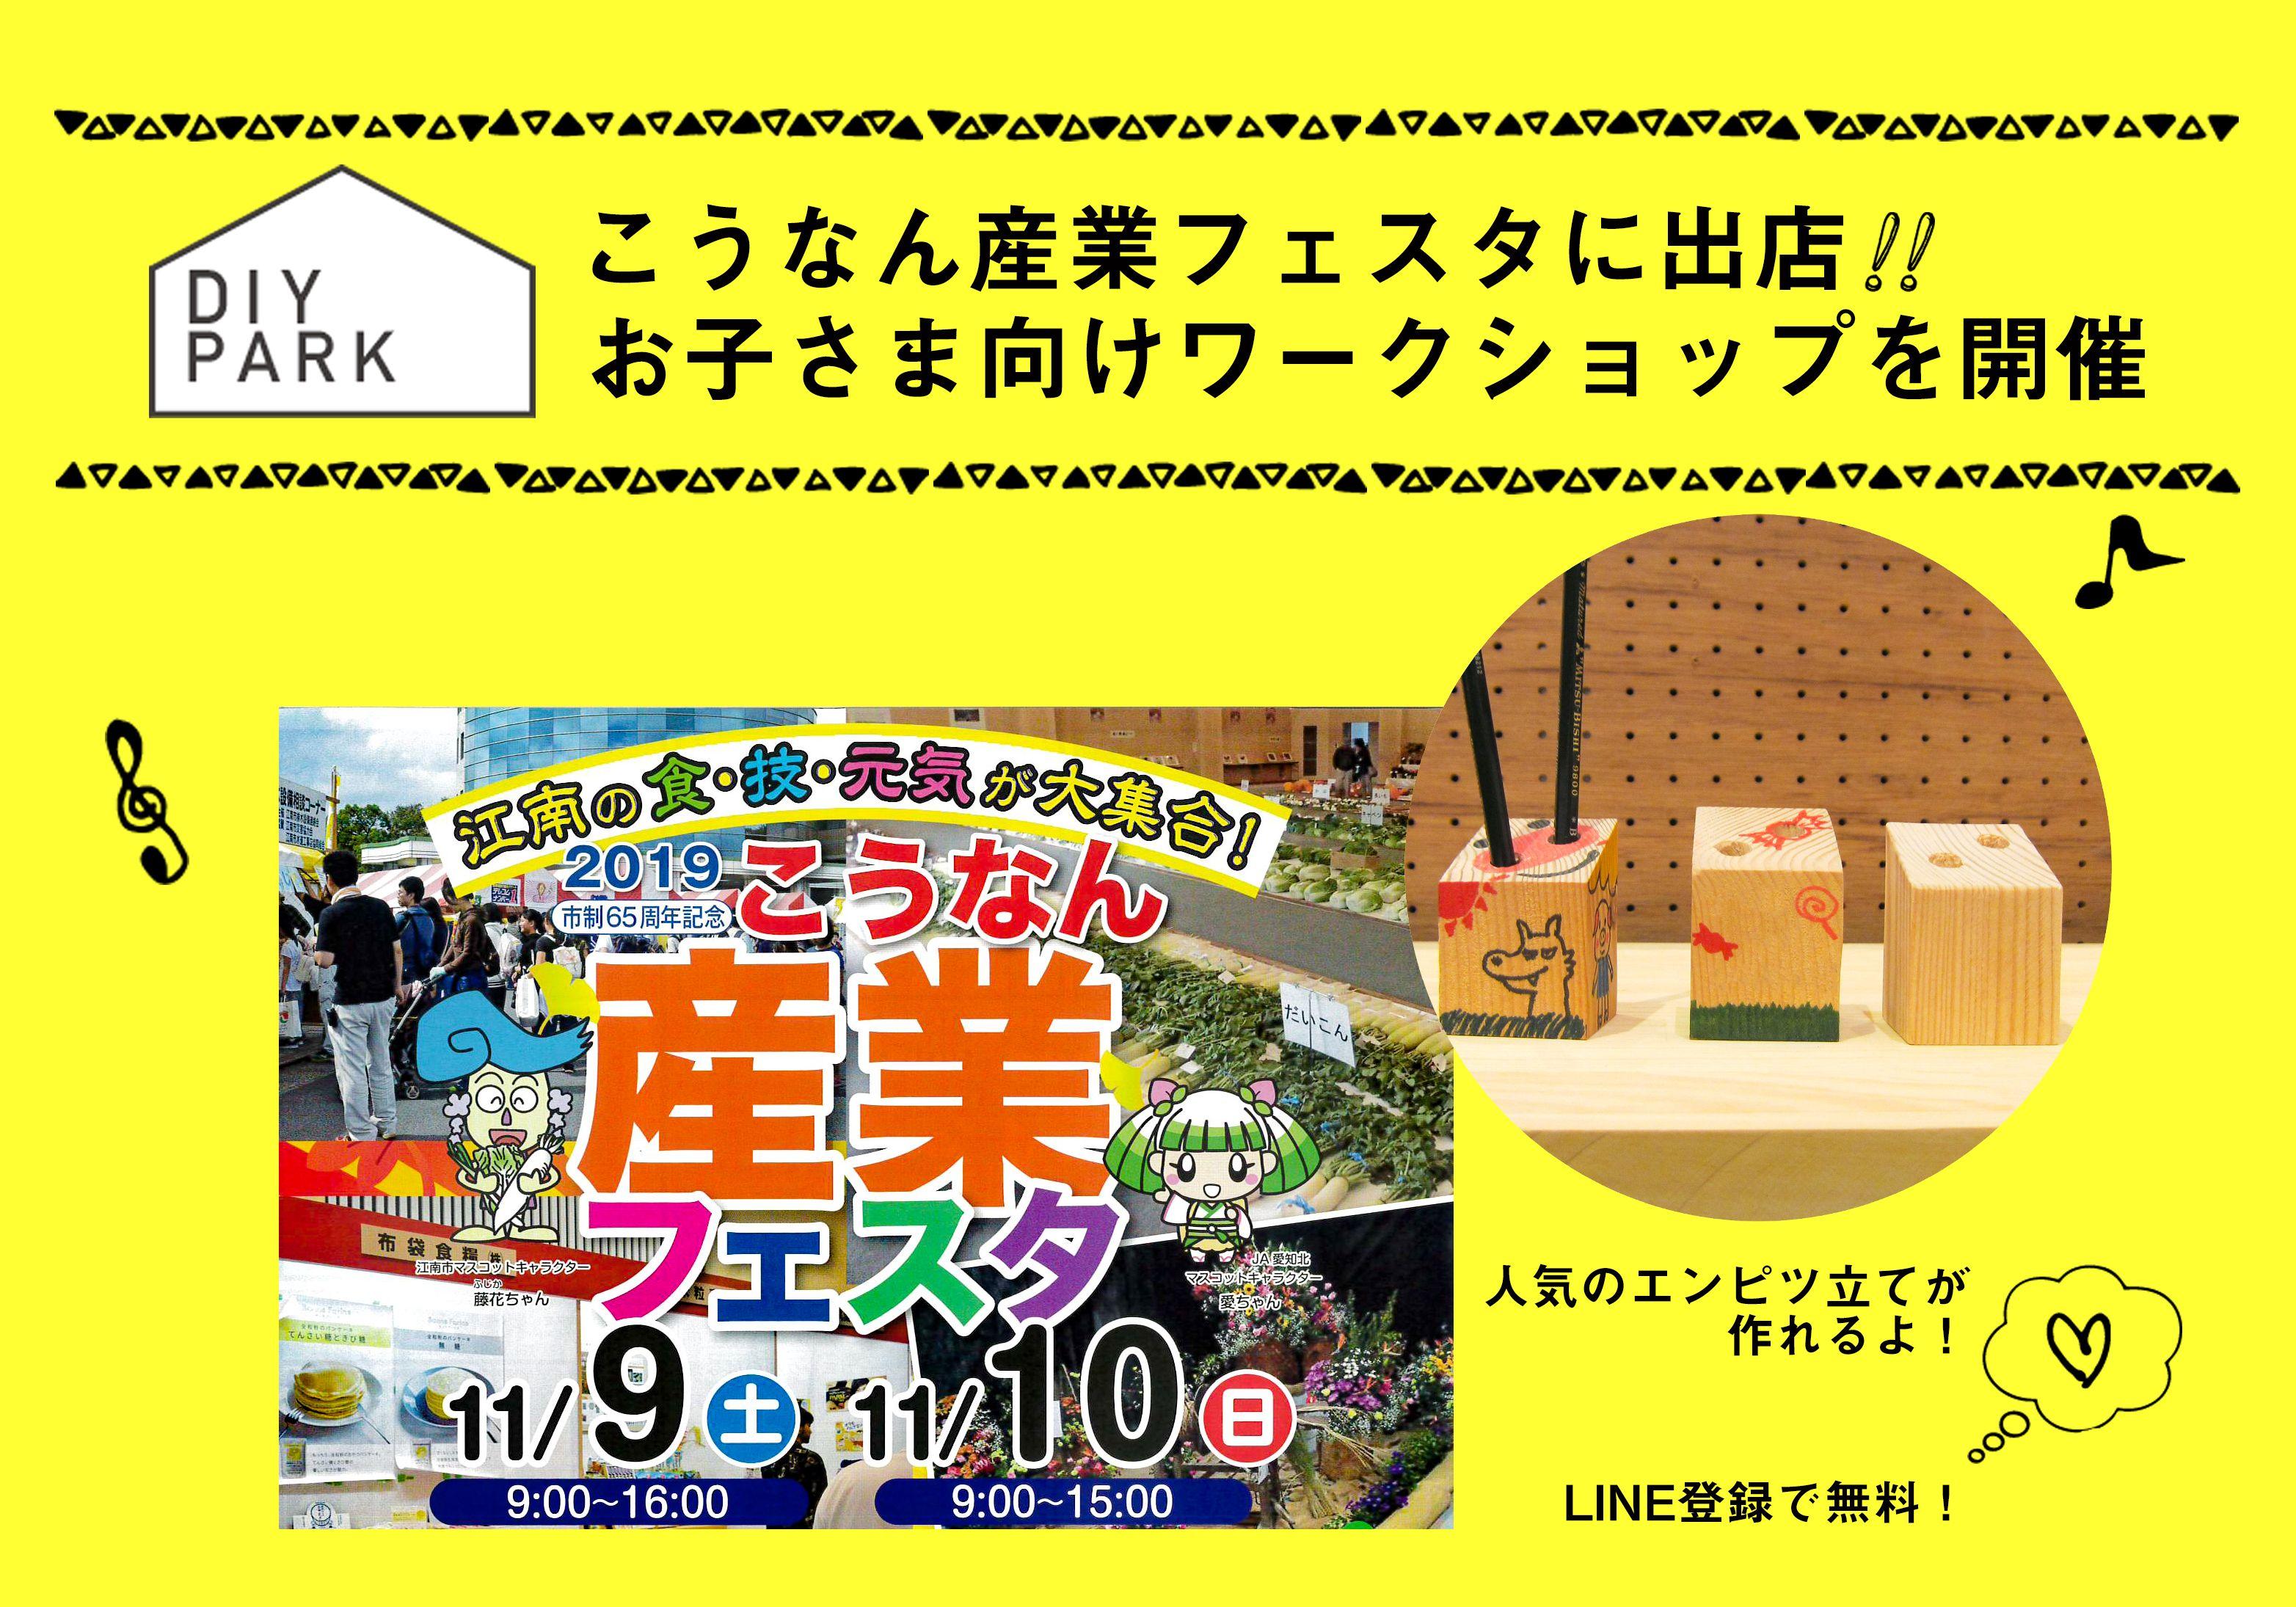 江南のお祭り♪「2019こうなん産業フェスタ」に DIY PARKが出店します!